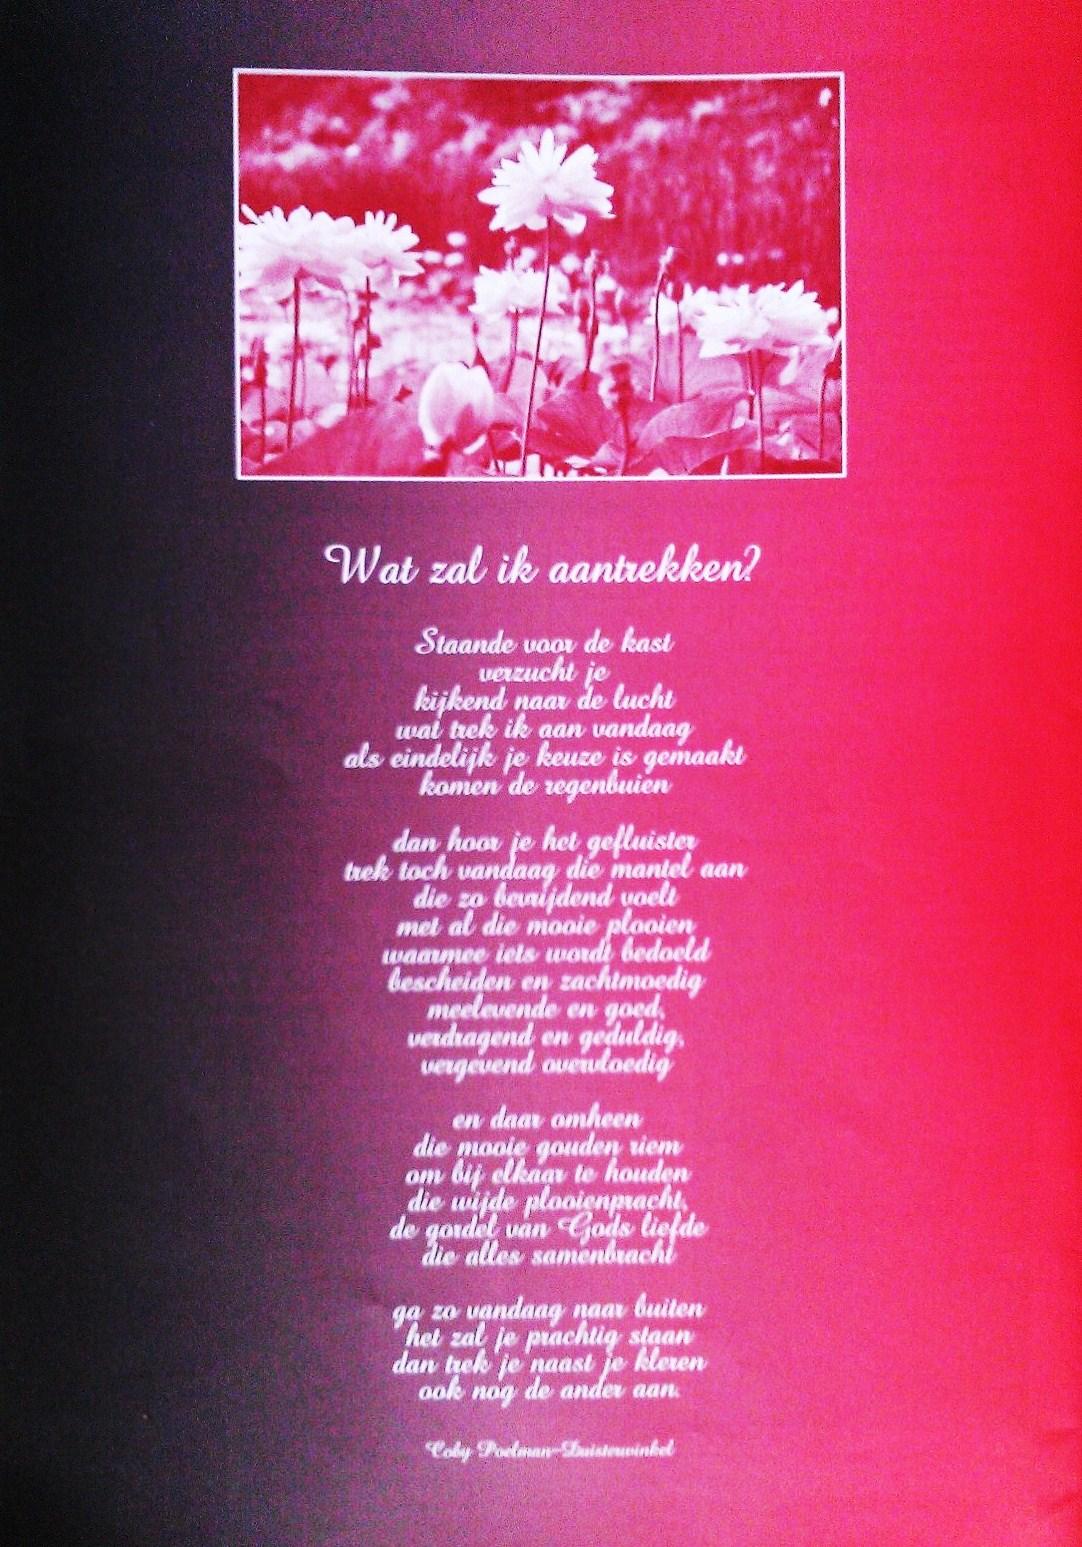 55 jaar getrouwd christelijk gedicht Christelijk Gedicht 10 Jaar Getrouwd   ARCHIDEV 55 jaar getrouwd christelijk gedicht